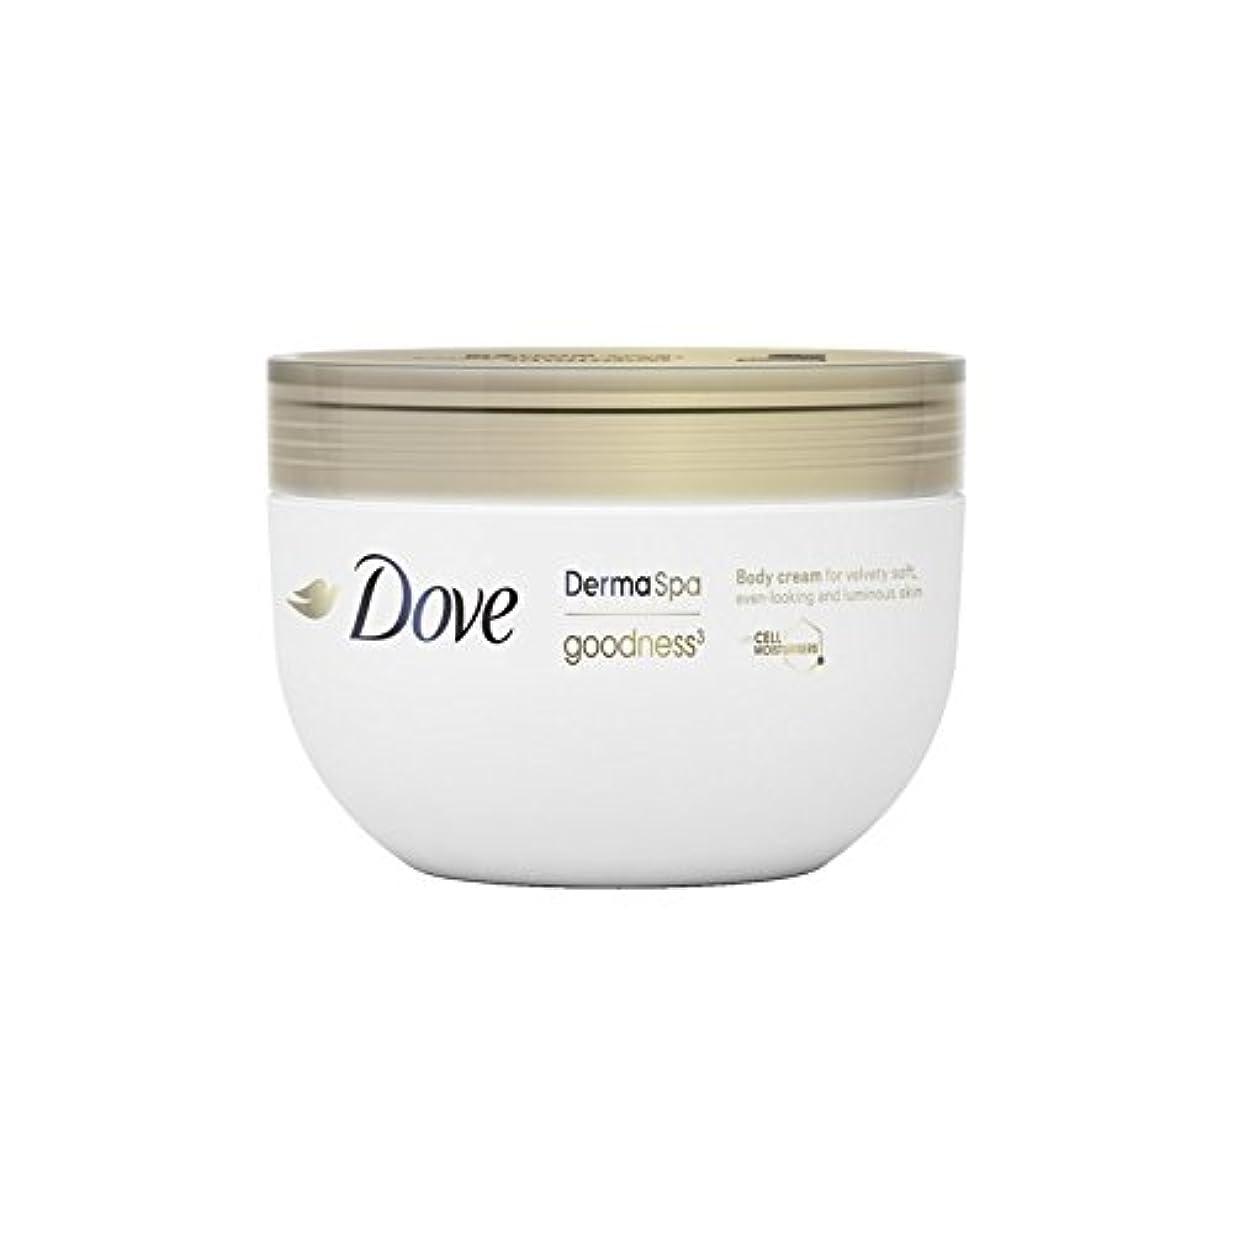 へこみ揃えるクモ鳩の3ボディクリーム(300ミリリットル) x2 - Dove DermaSpa Goodness3 Body Cream (300ml) (Pack of 2) [並行輸入品]